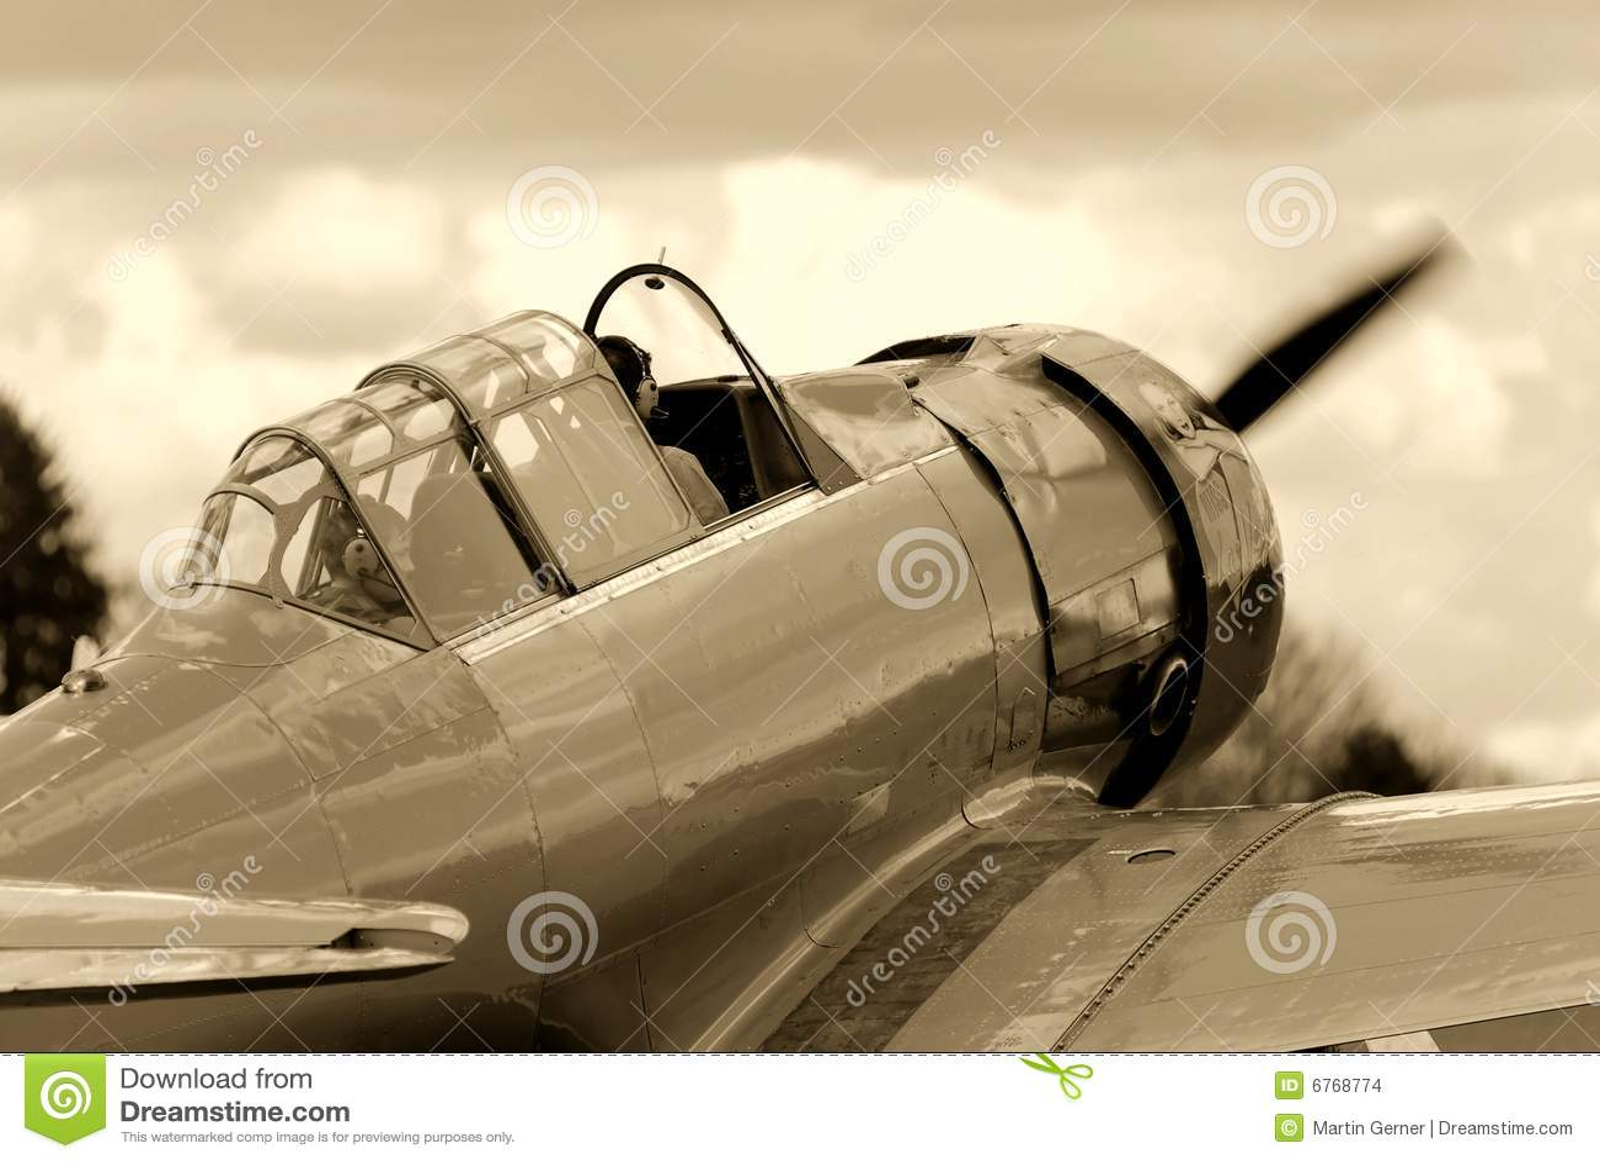 航空器战斗机培训葡萄酒